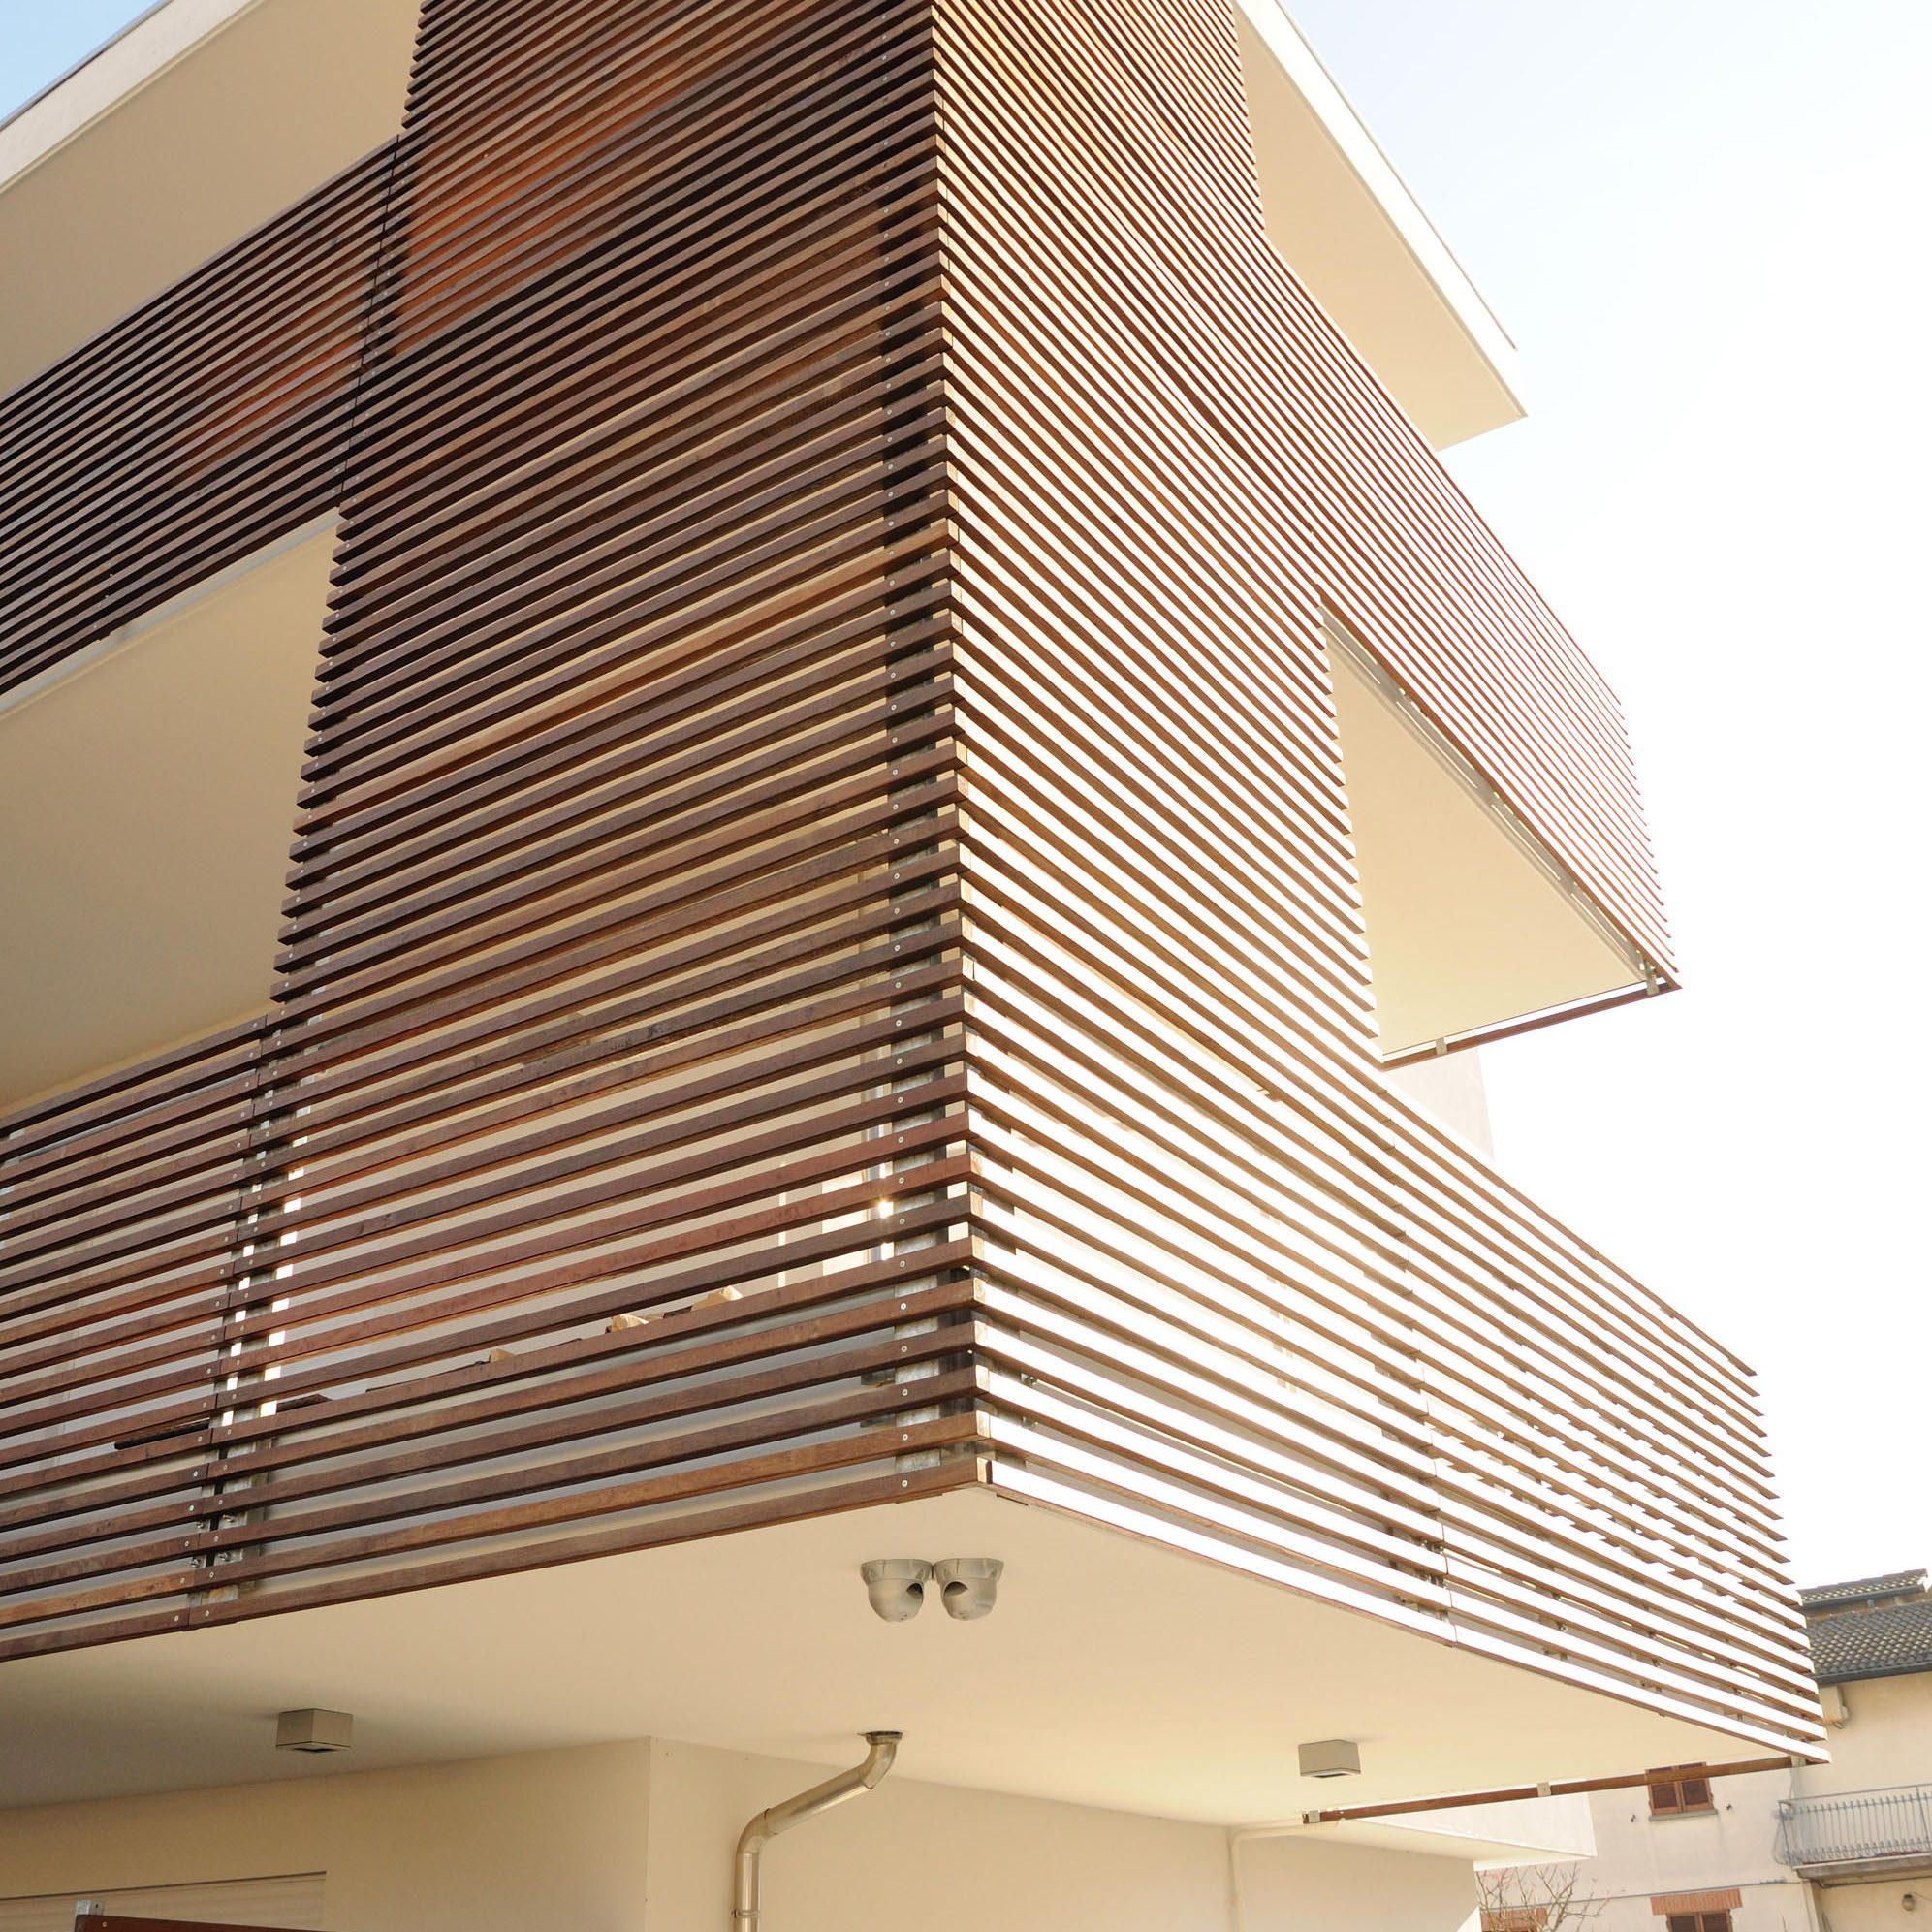 Lam chắn nắng gỗ nhựa hình hộp